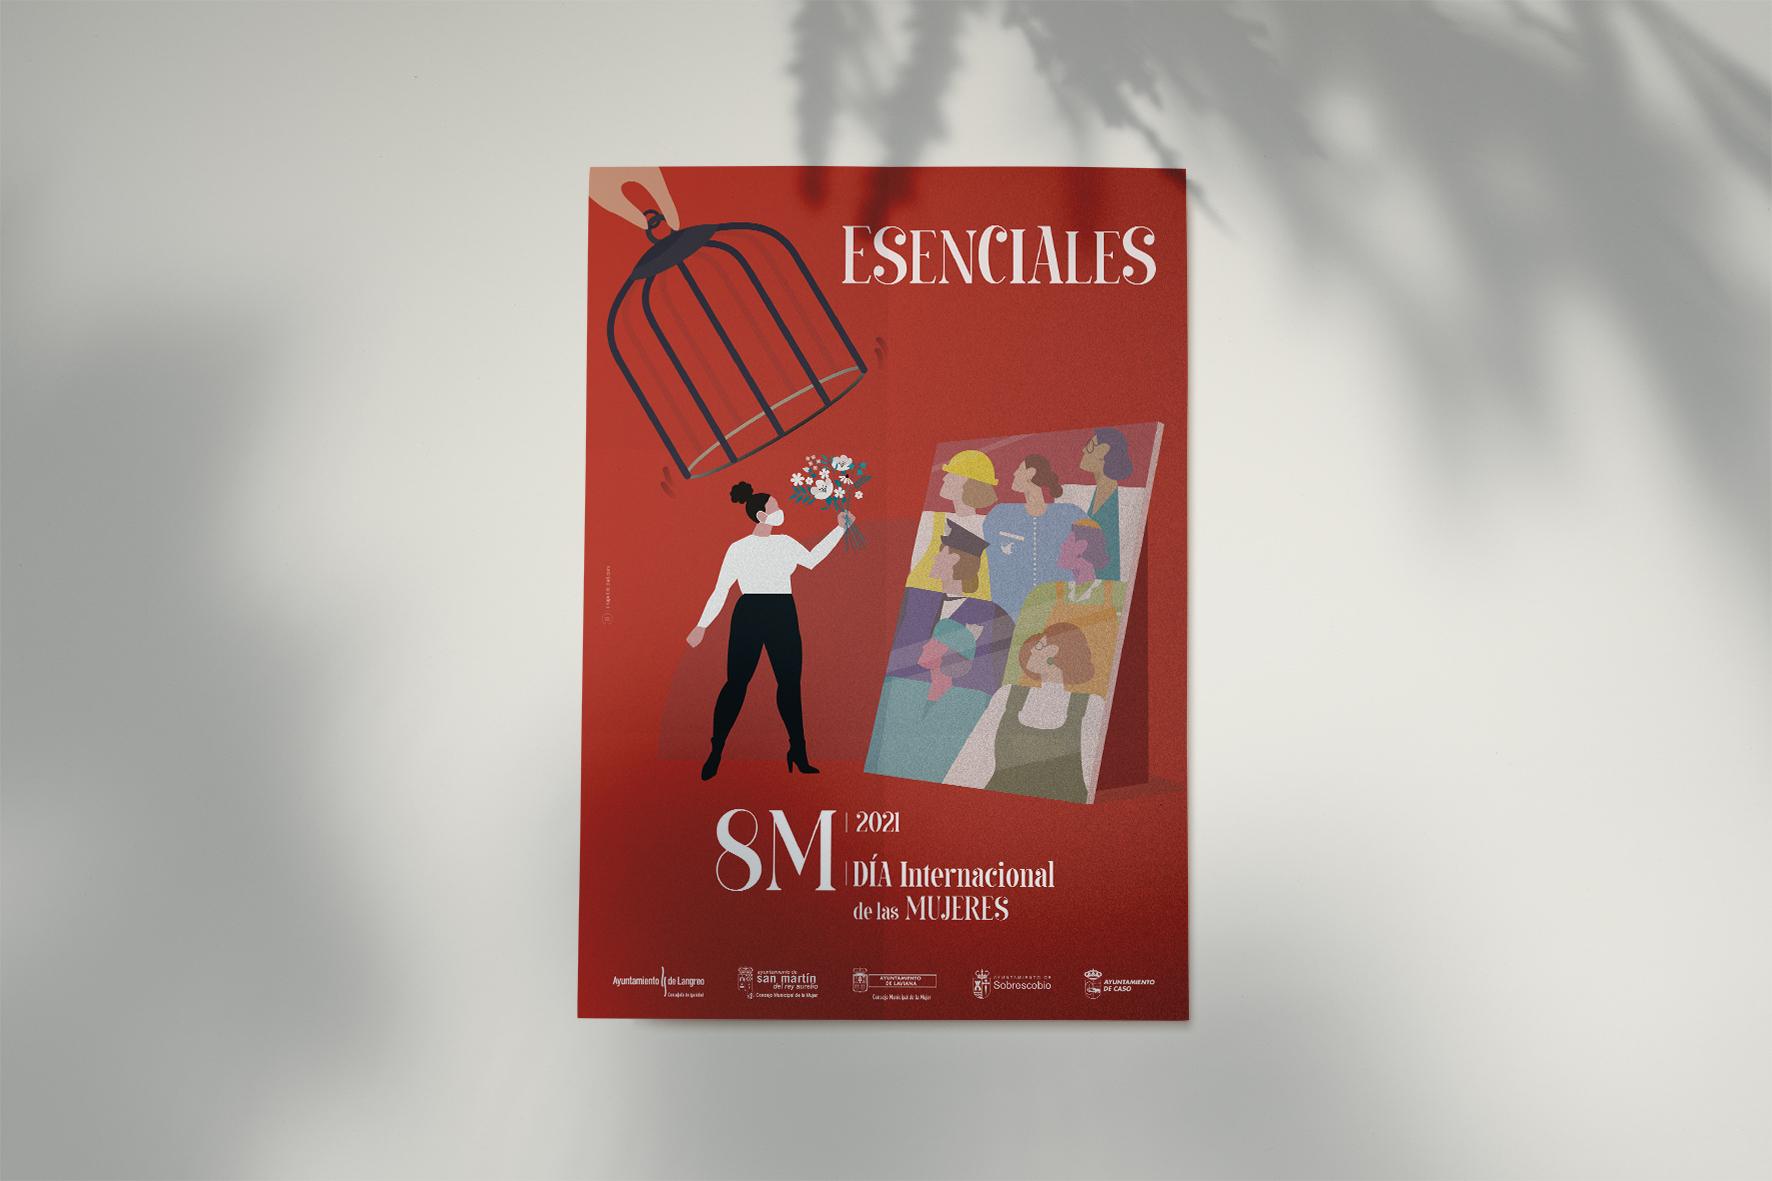 8M Día Internacional de la Mujer 2021 cartel